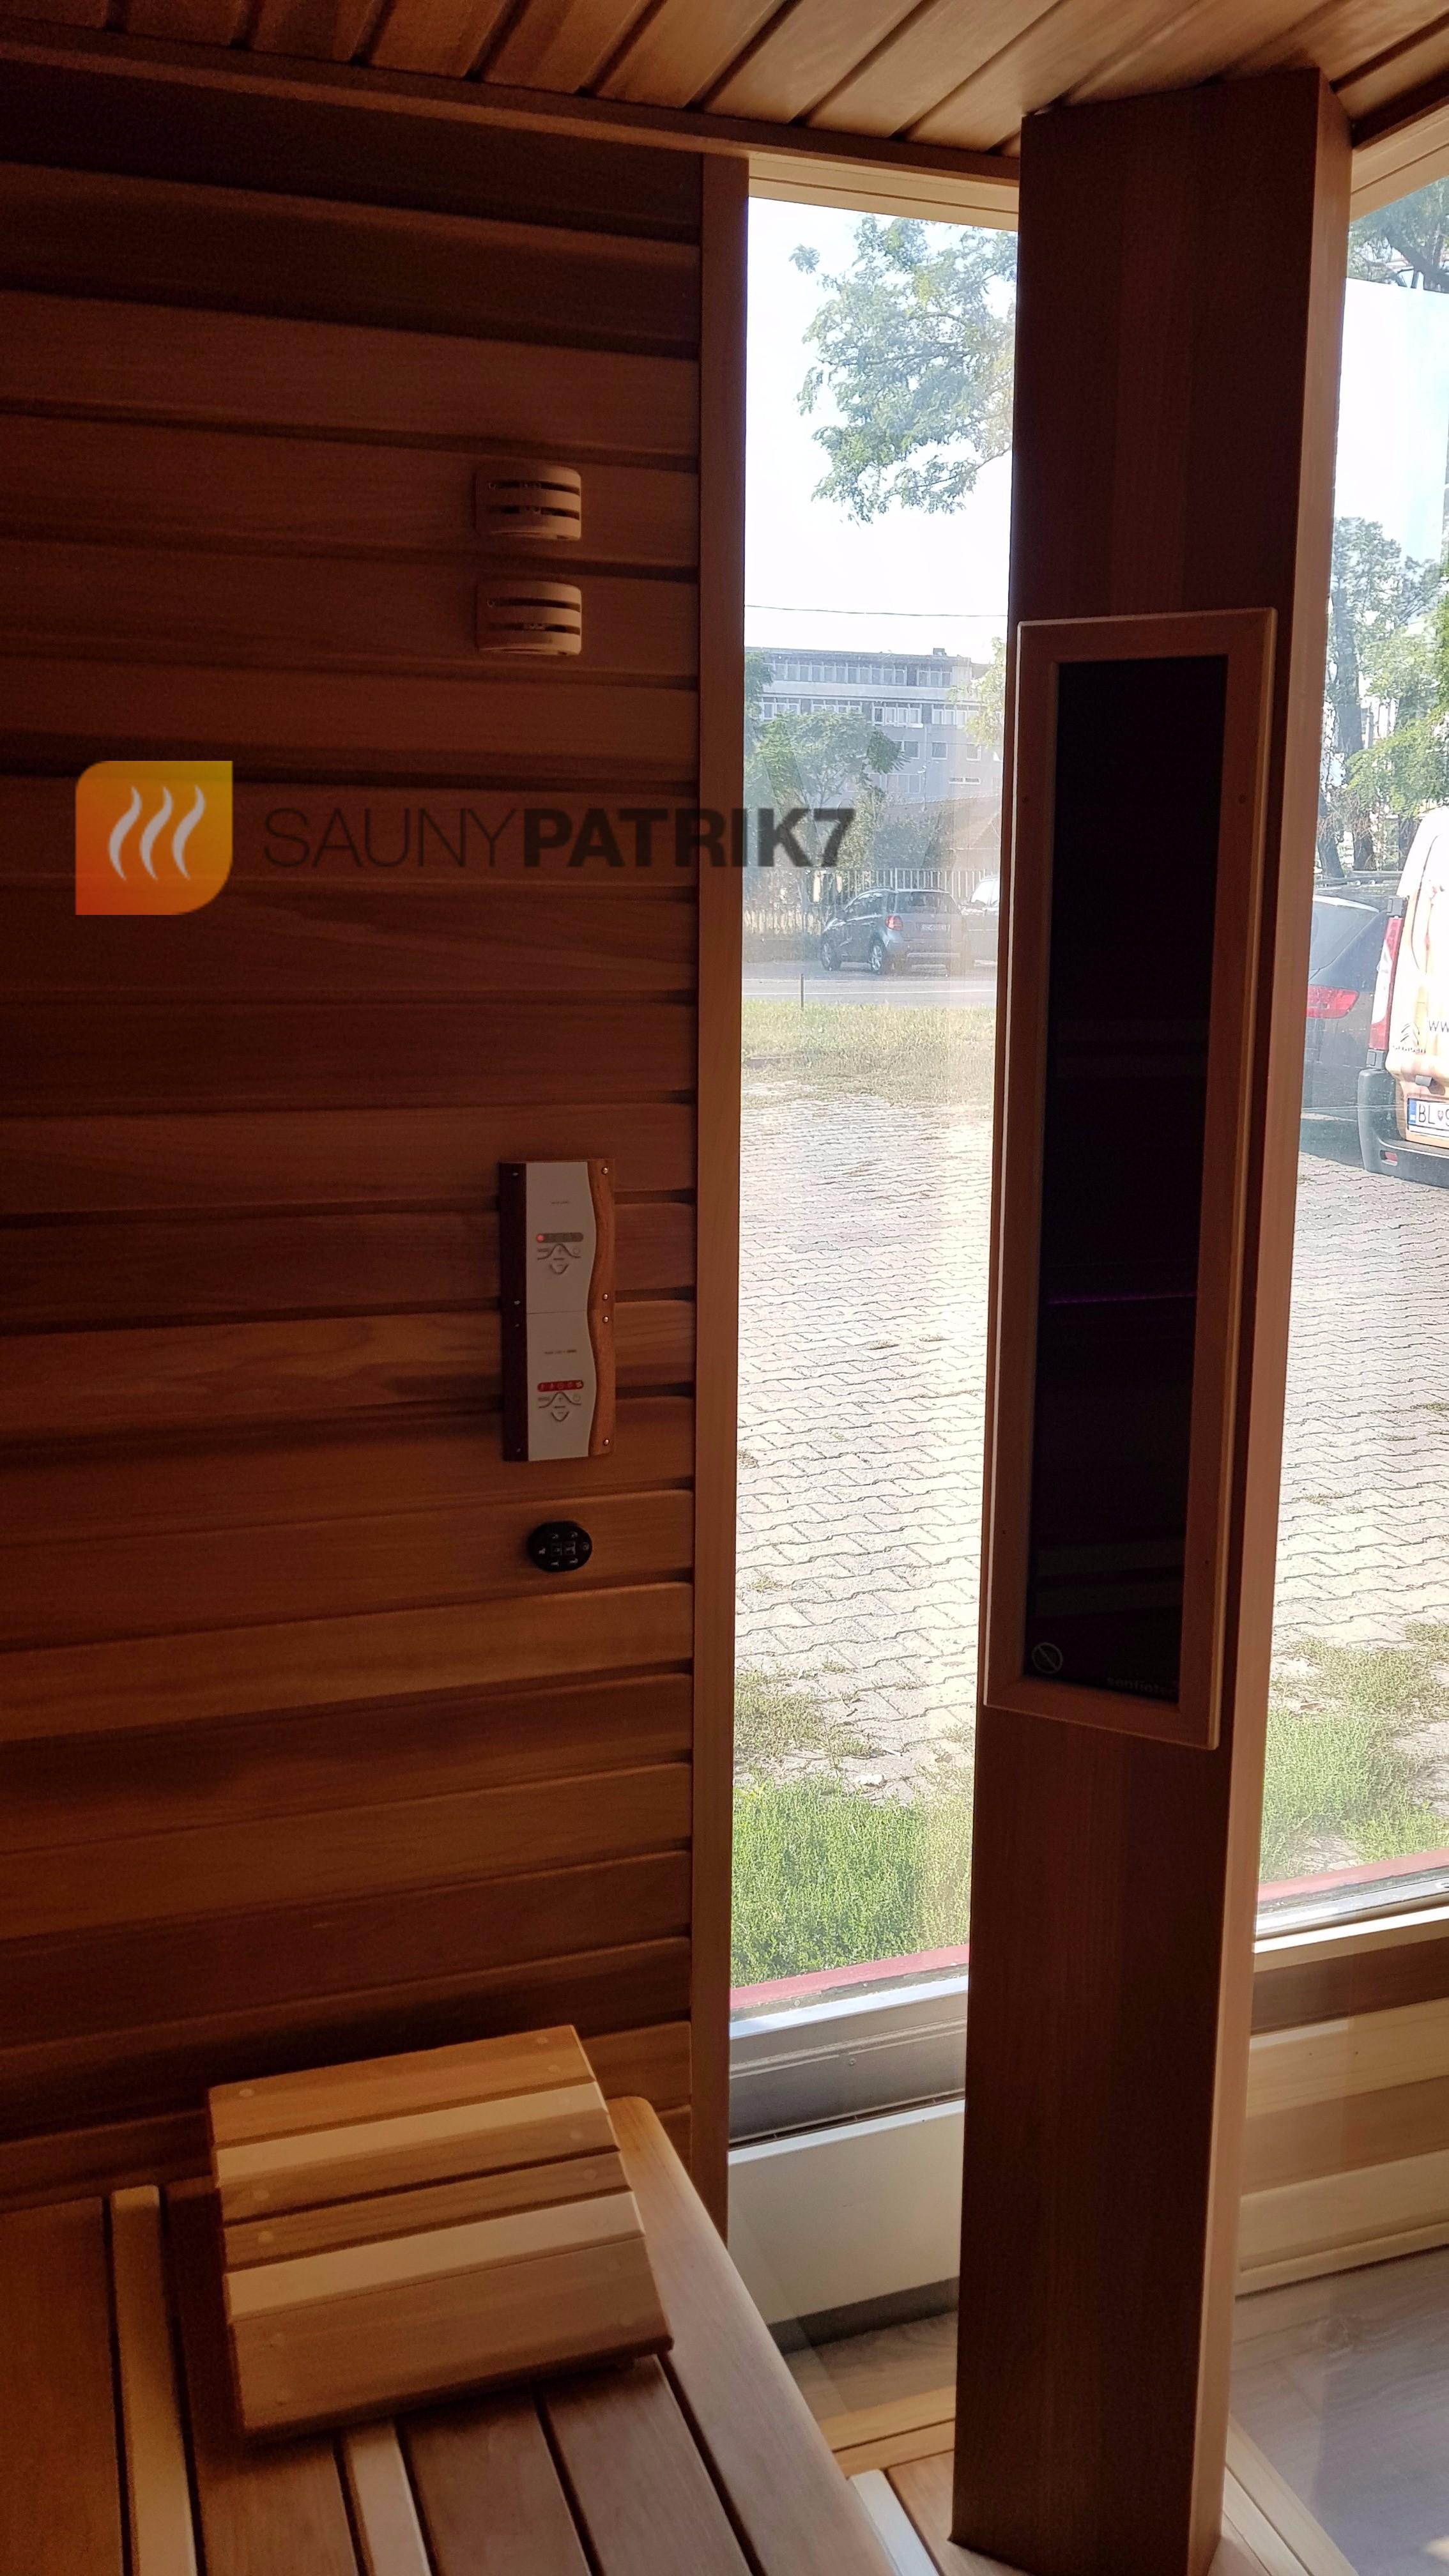 predny ziaric - sauny patrik 7